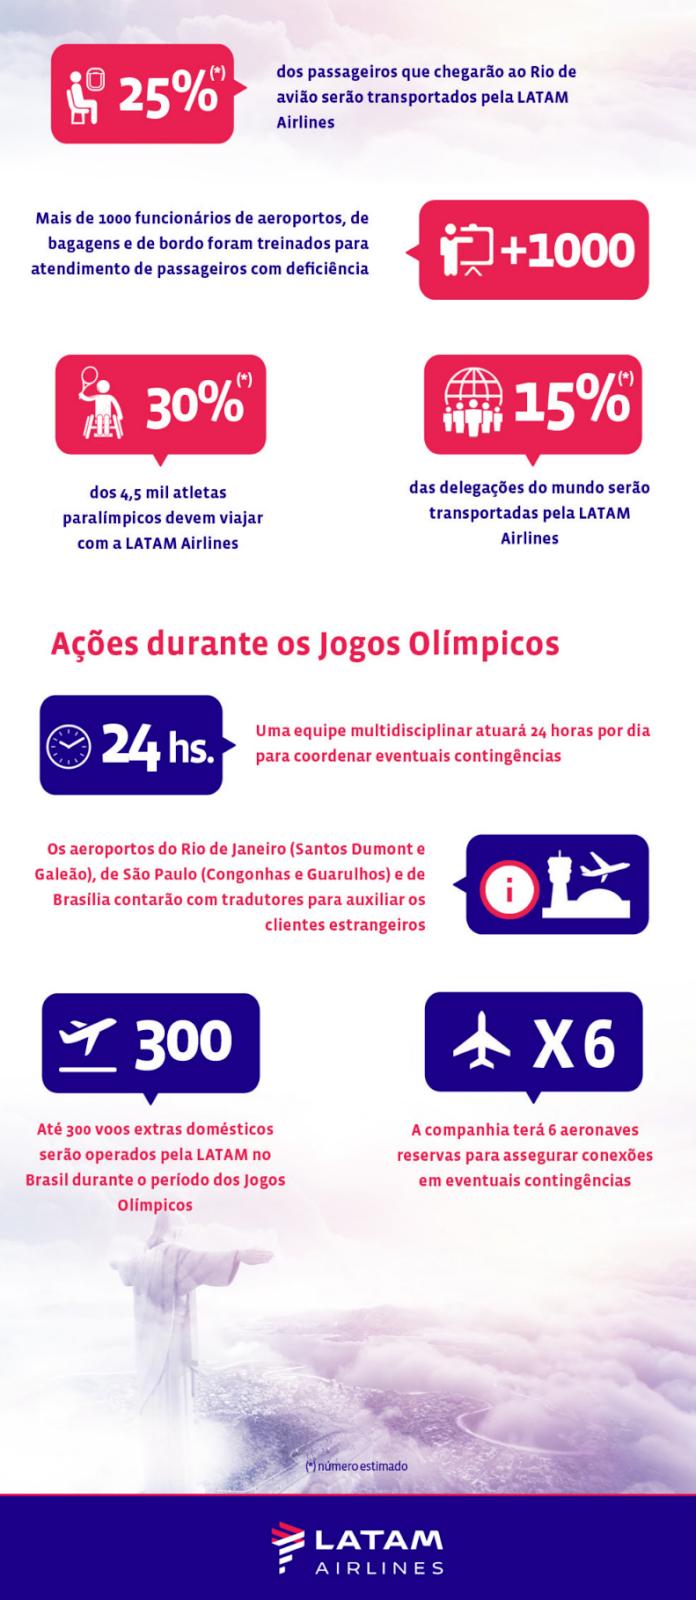 Infográfico sobre as operações para o período de Jogos Olímpicos